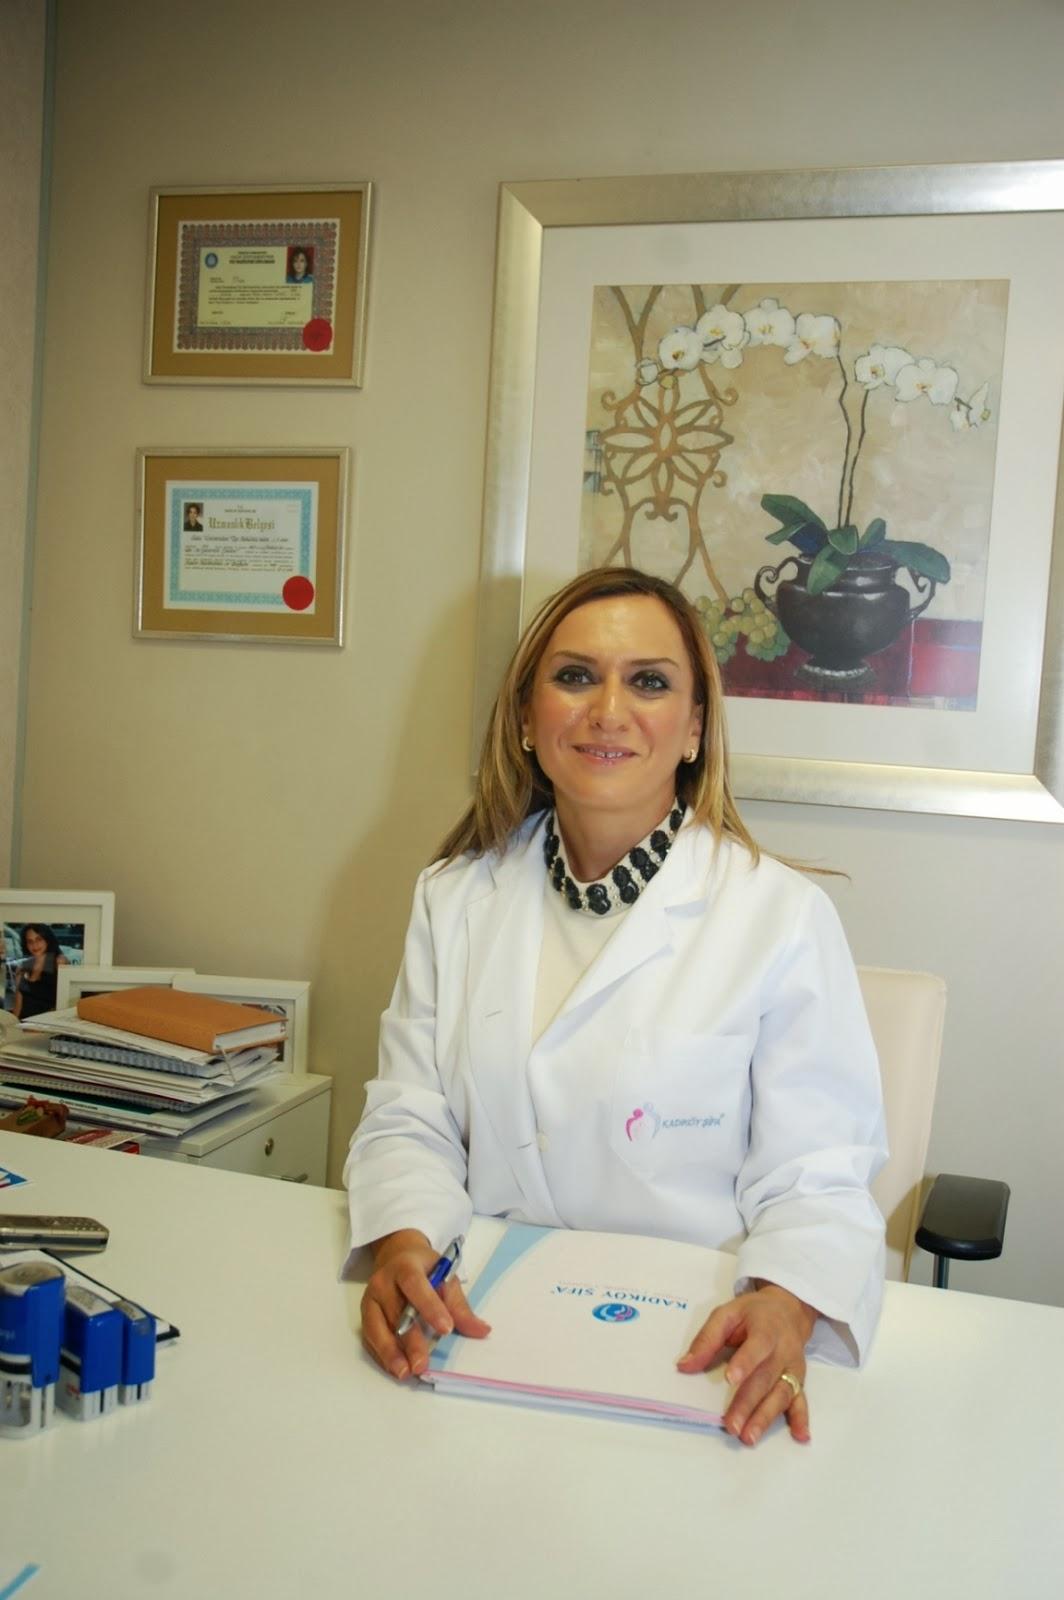 Doktorlar-ortopedistler - neleri tedavi ederler ve tavsiyesine kim ister